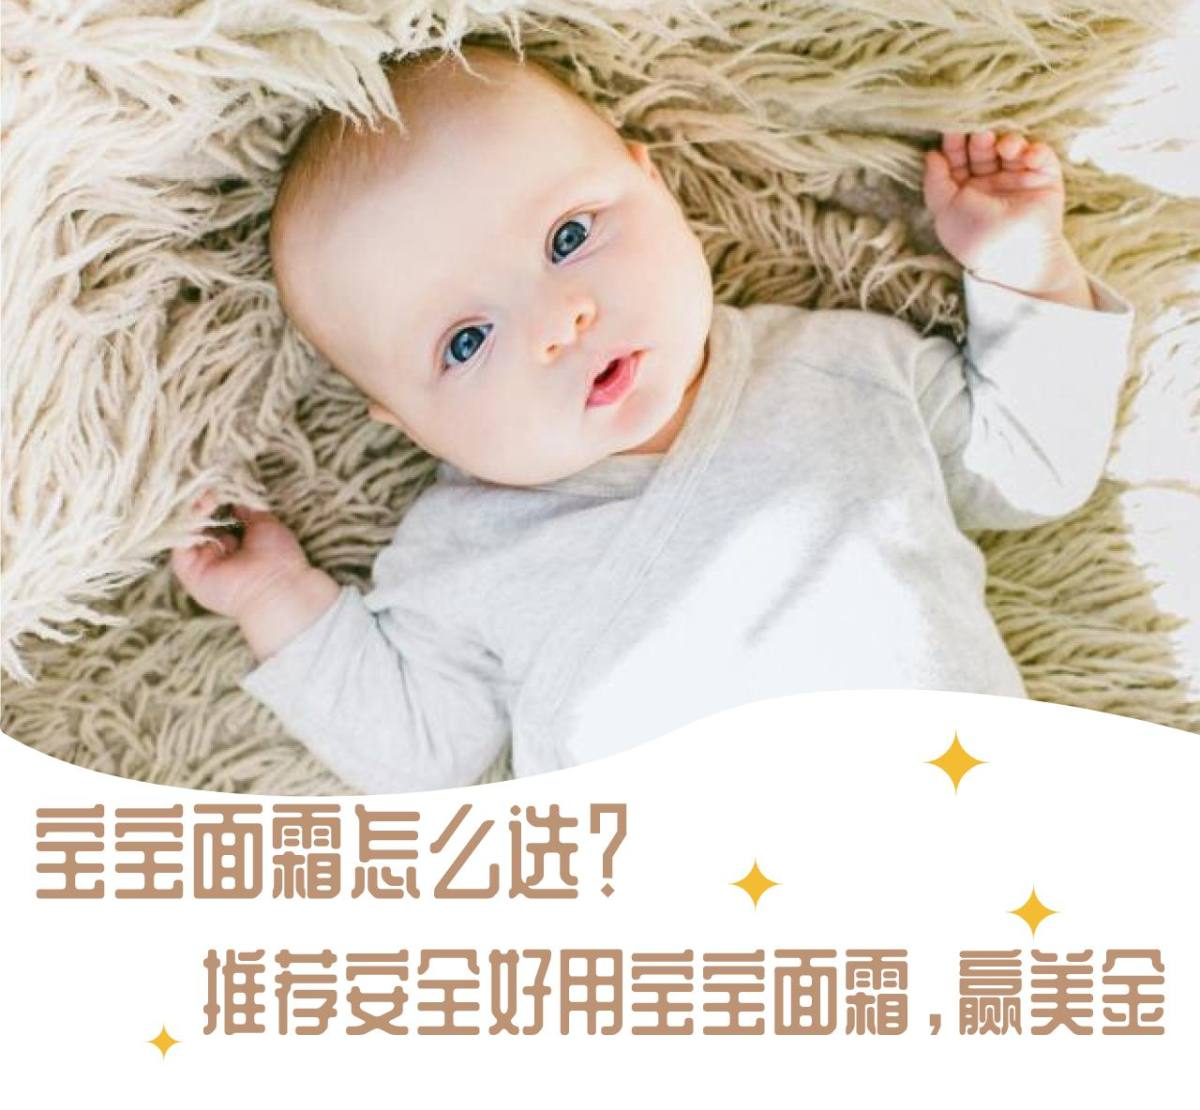 """警惕""""大头宝宝霜""""!推荐宝宝面霜赢美金 看完老爸评测的最新视"""